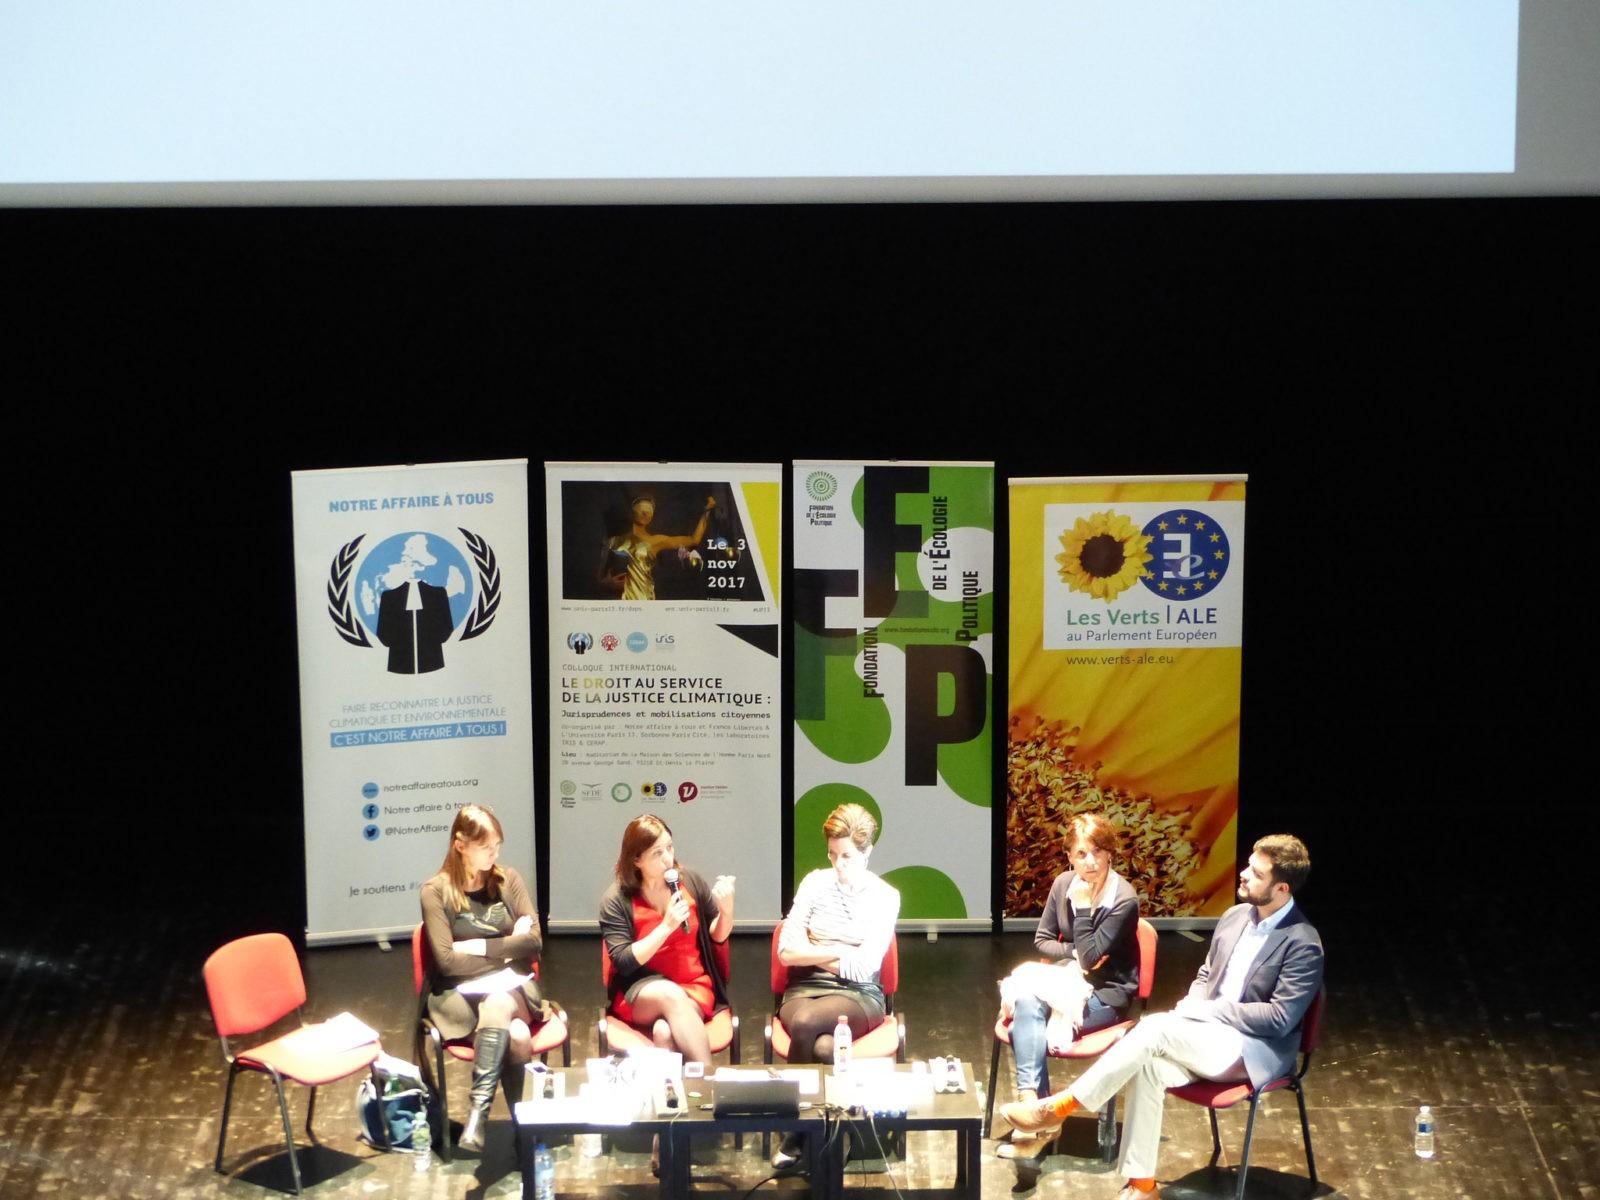 Table ronde n°3 : Des propositions nouvelles pour la justice environnementale et climatique